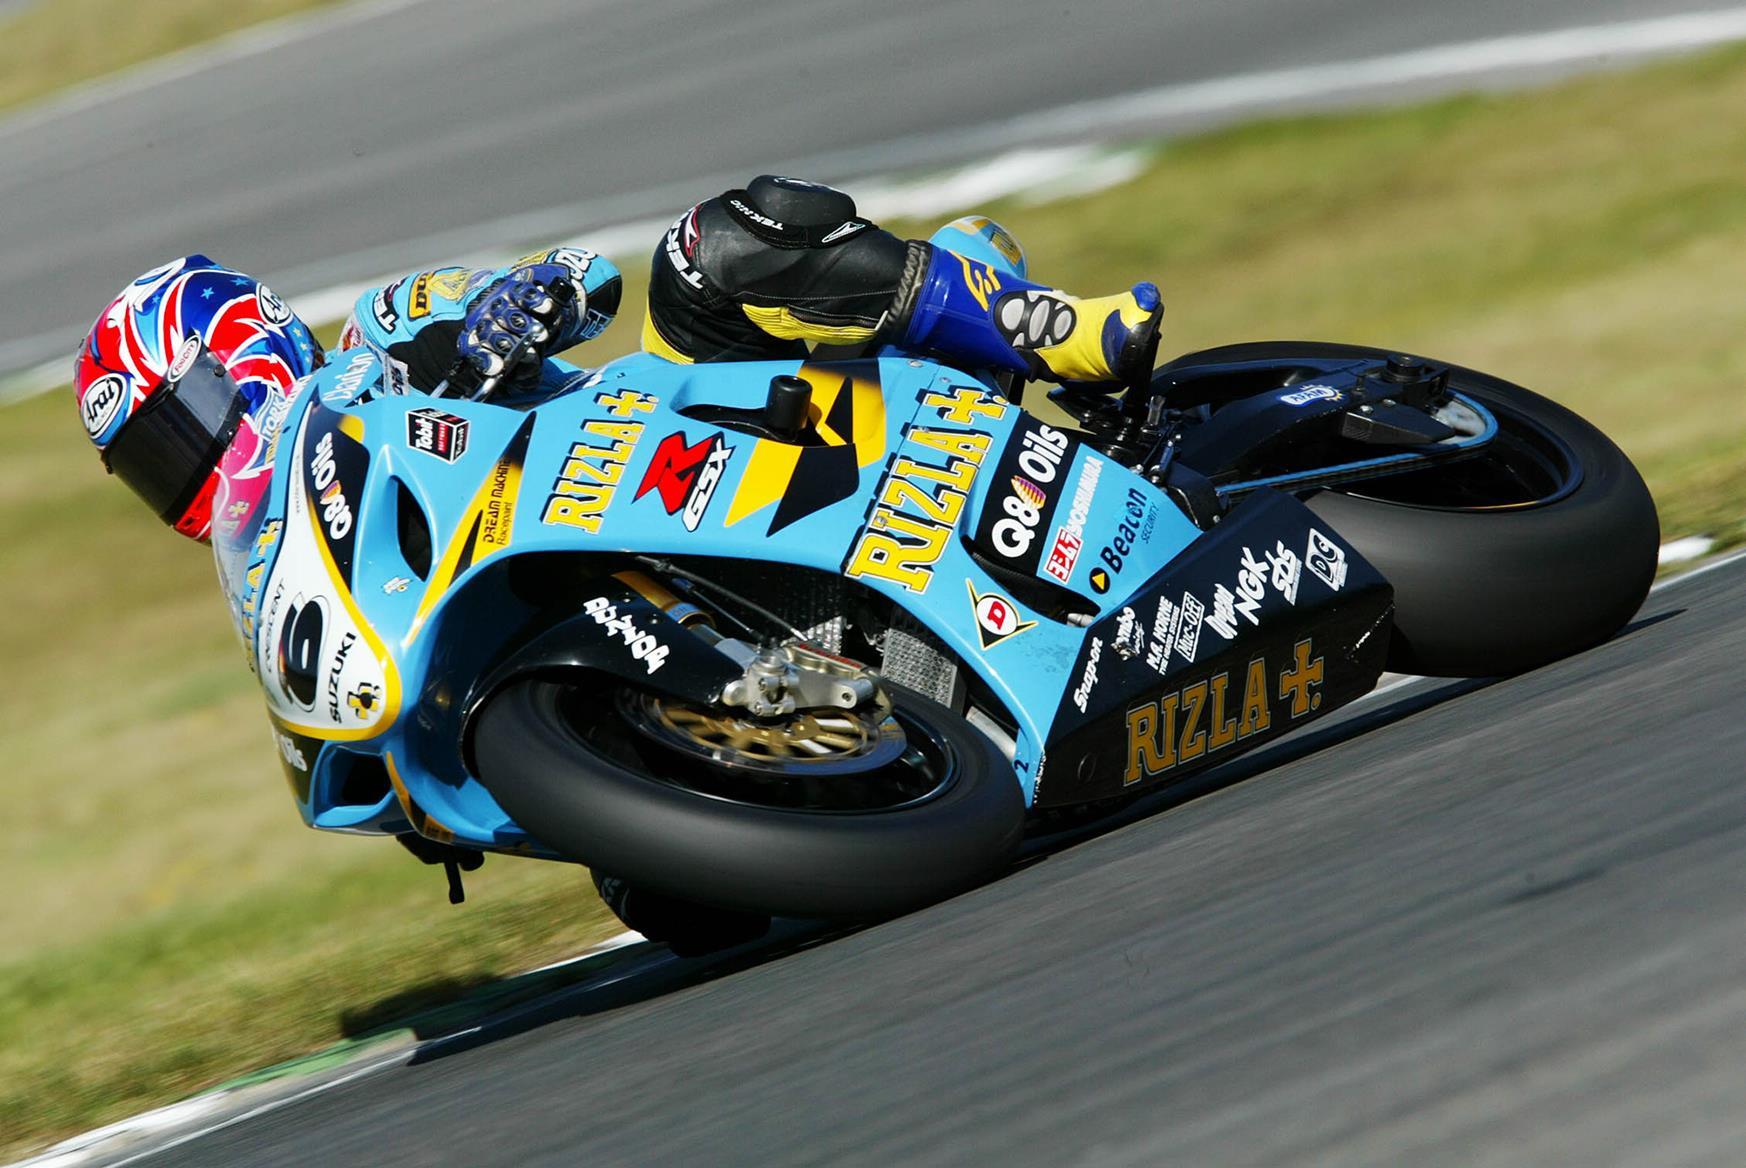 John Reynolds rides the Suzuki GSX-R1000 in 2003